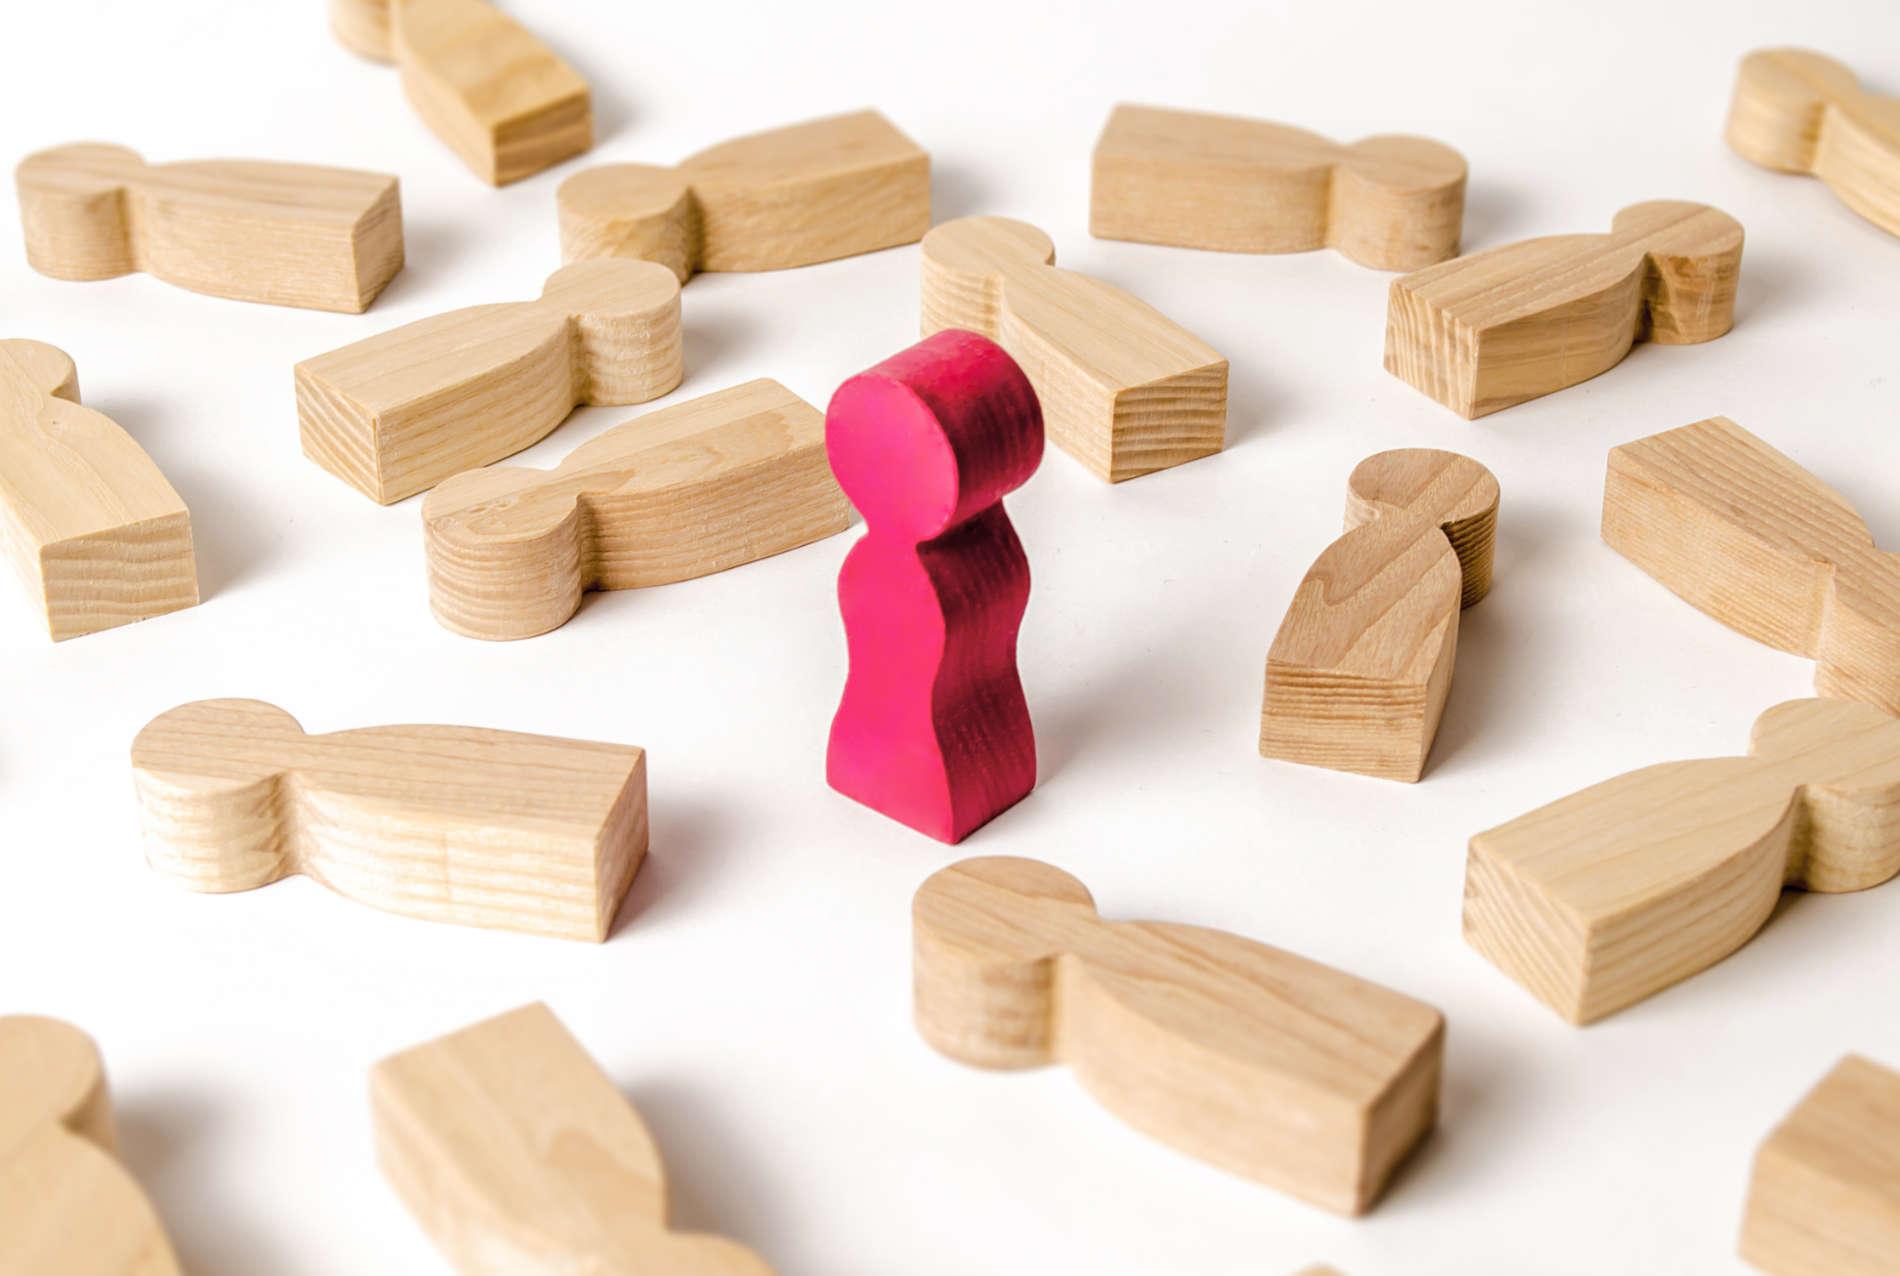 modellini di legno